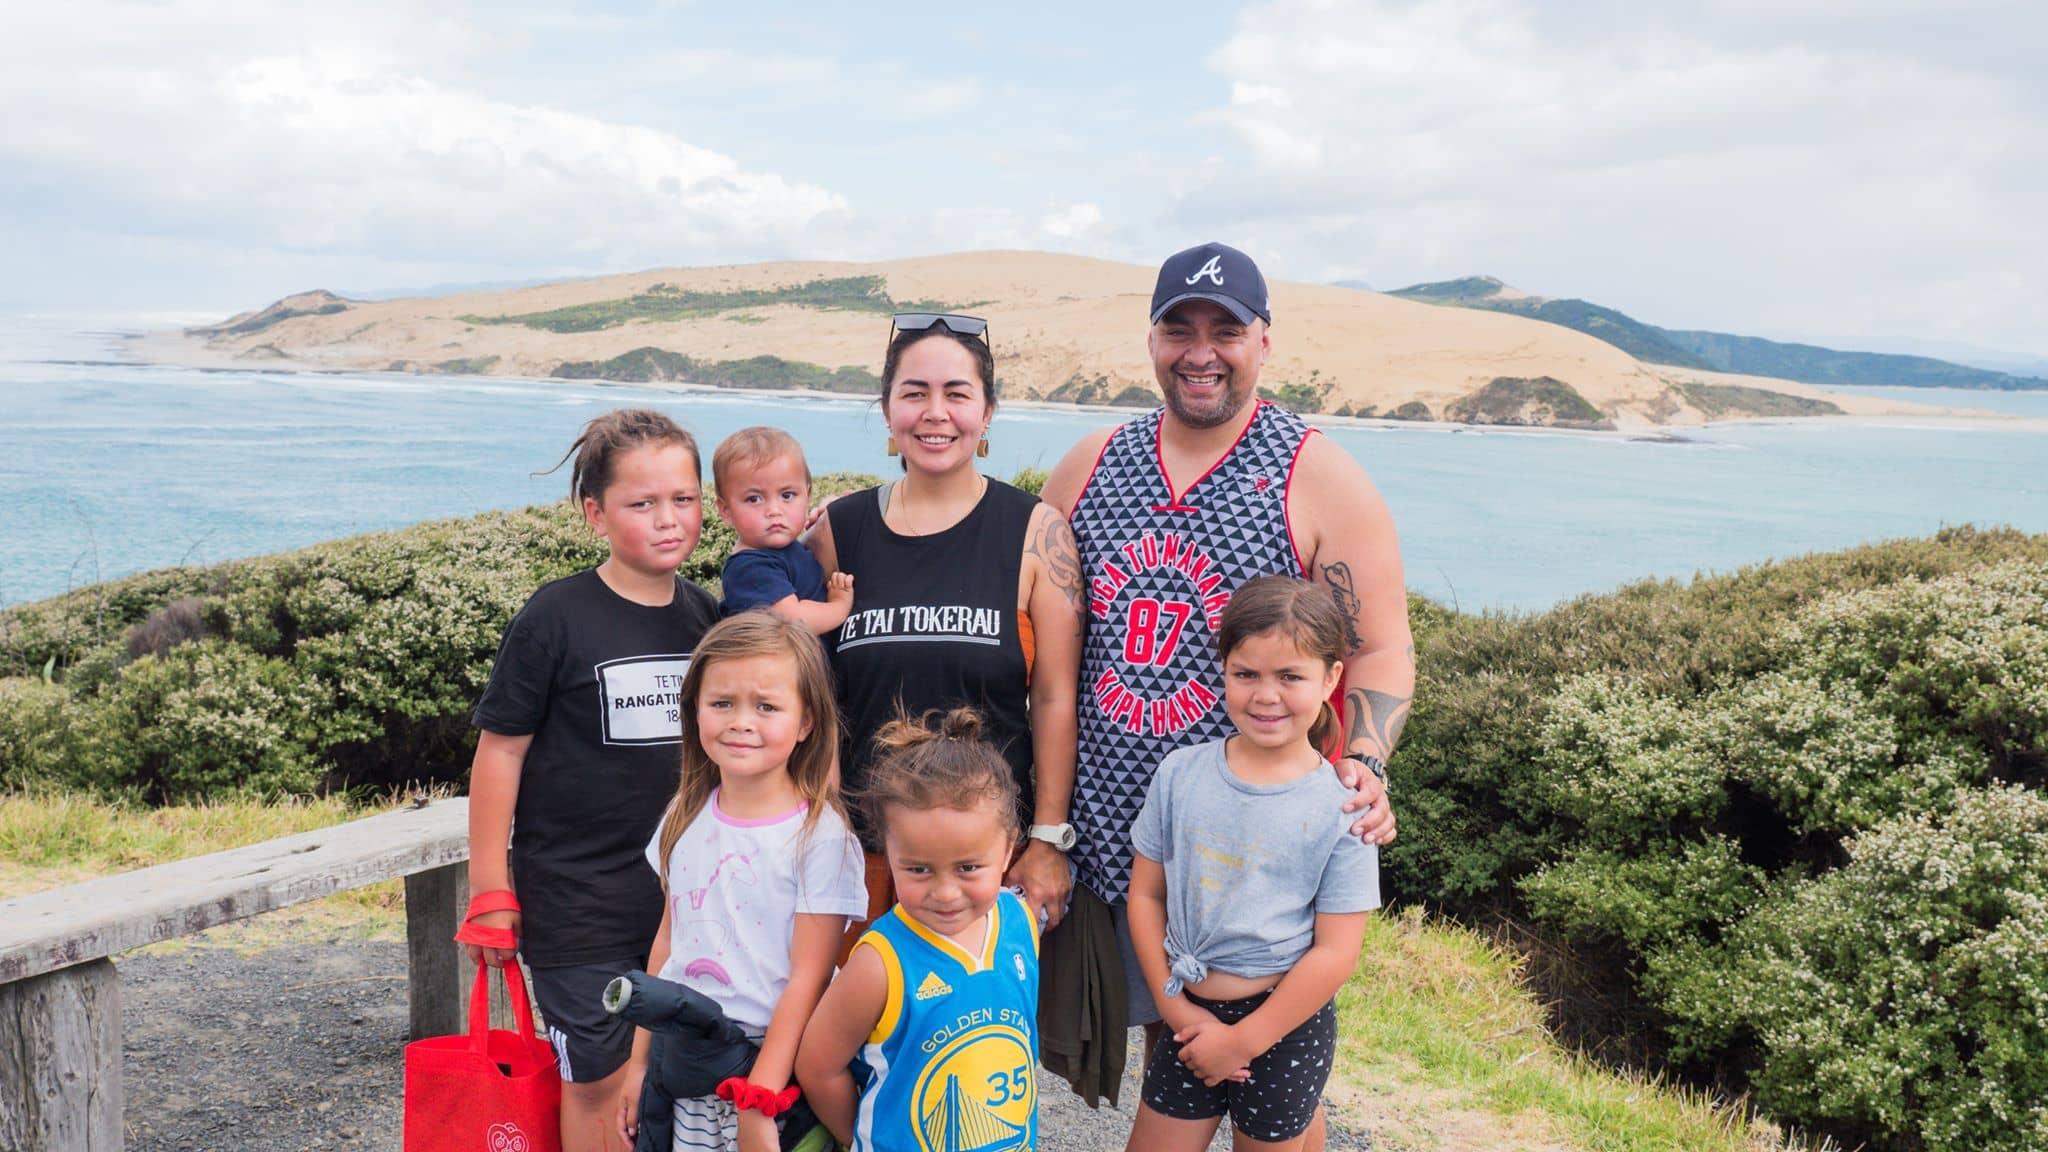 Back Row – Tuhoronuku, Te Aumārire, Te Wairua, Eli. Front row – Ohomairangi, Te Kohuroa, Taiahoaho